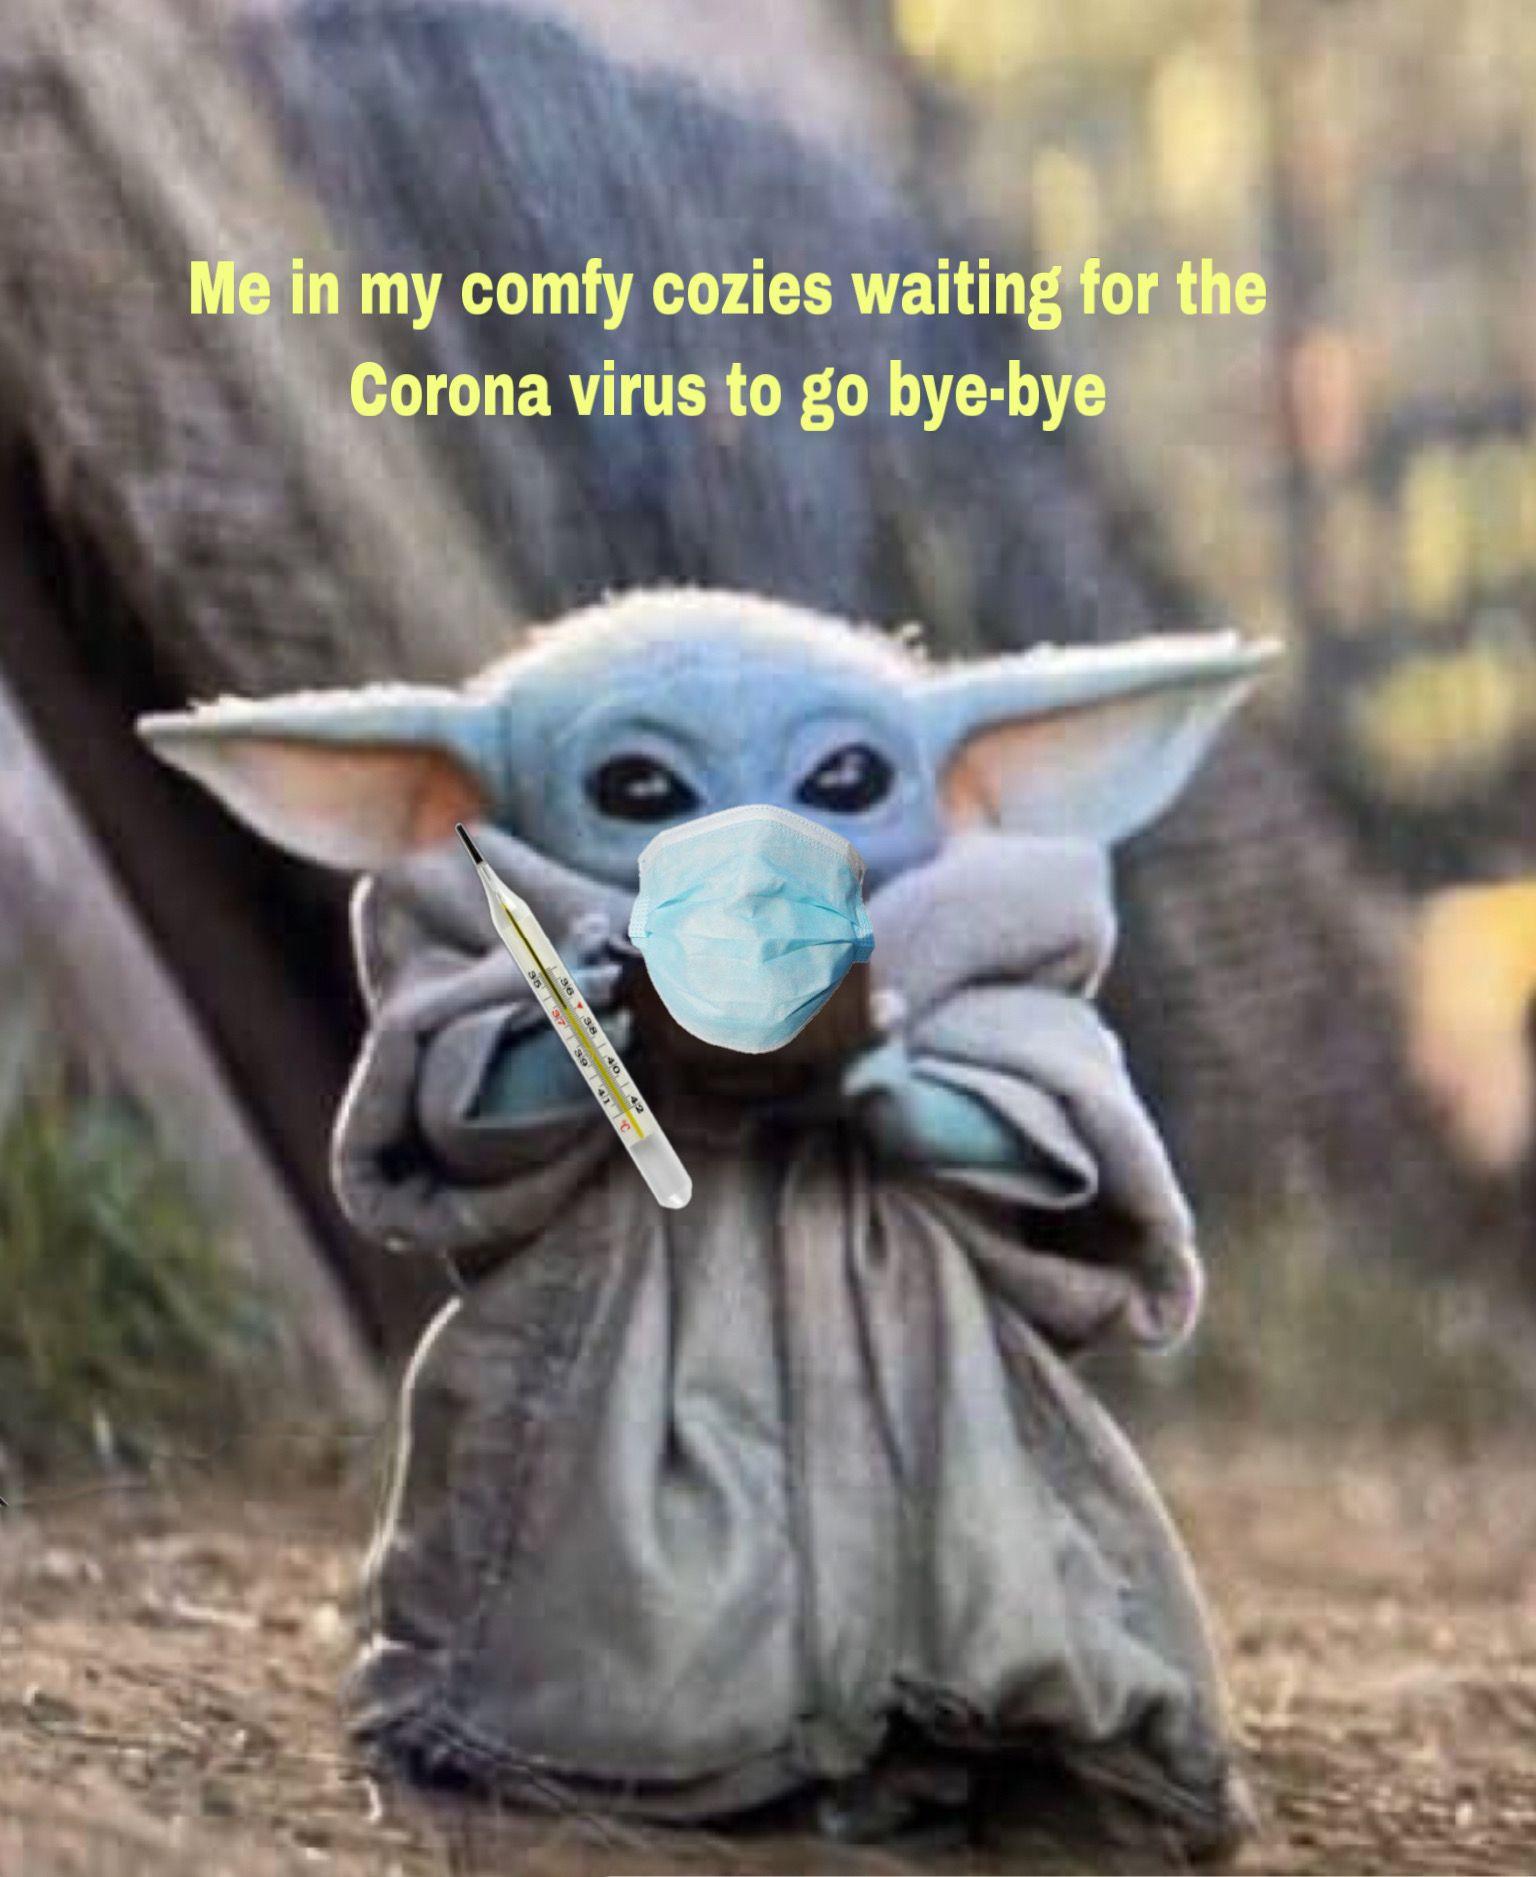 Baby Yoda Yoda Funny Yoda Meme Cute Memes